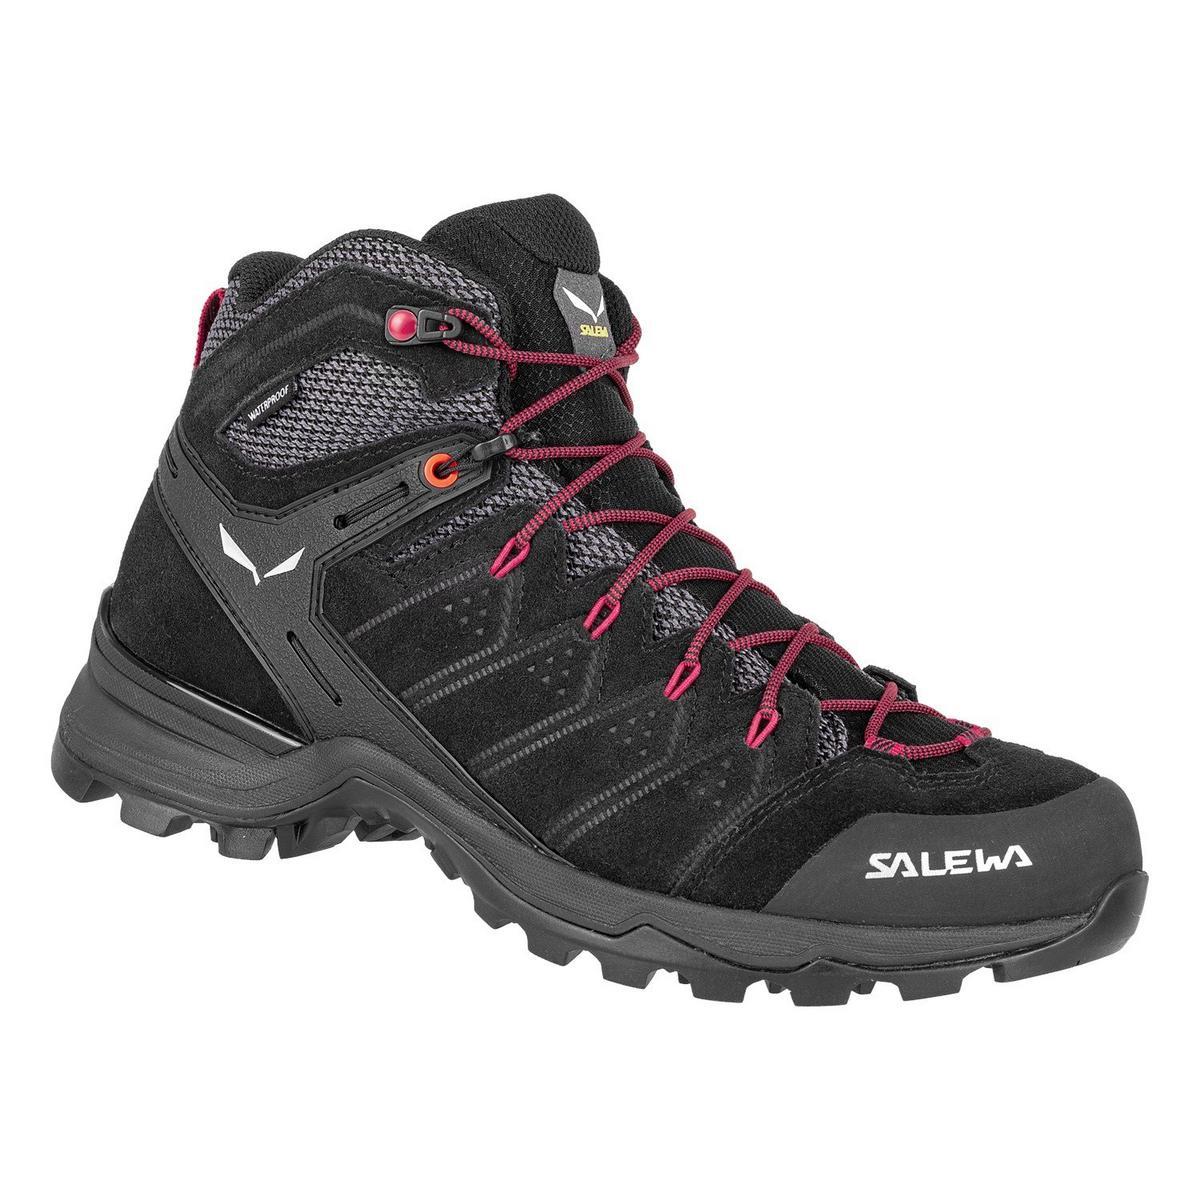 Salewa Women's Alp Mate Mid Waterproof Shoe- Blackout